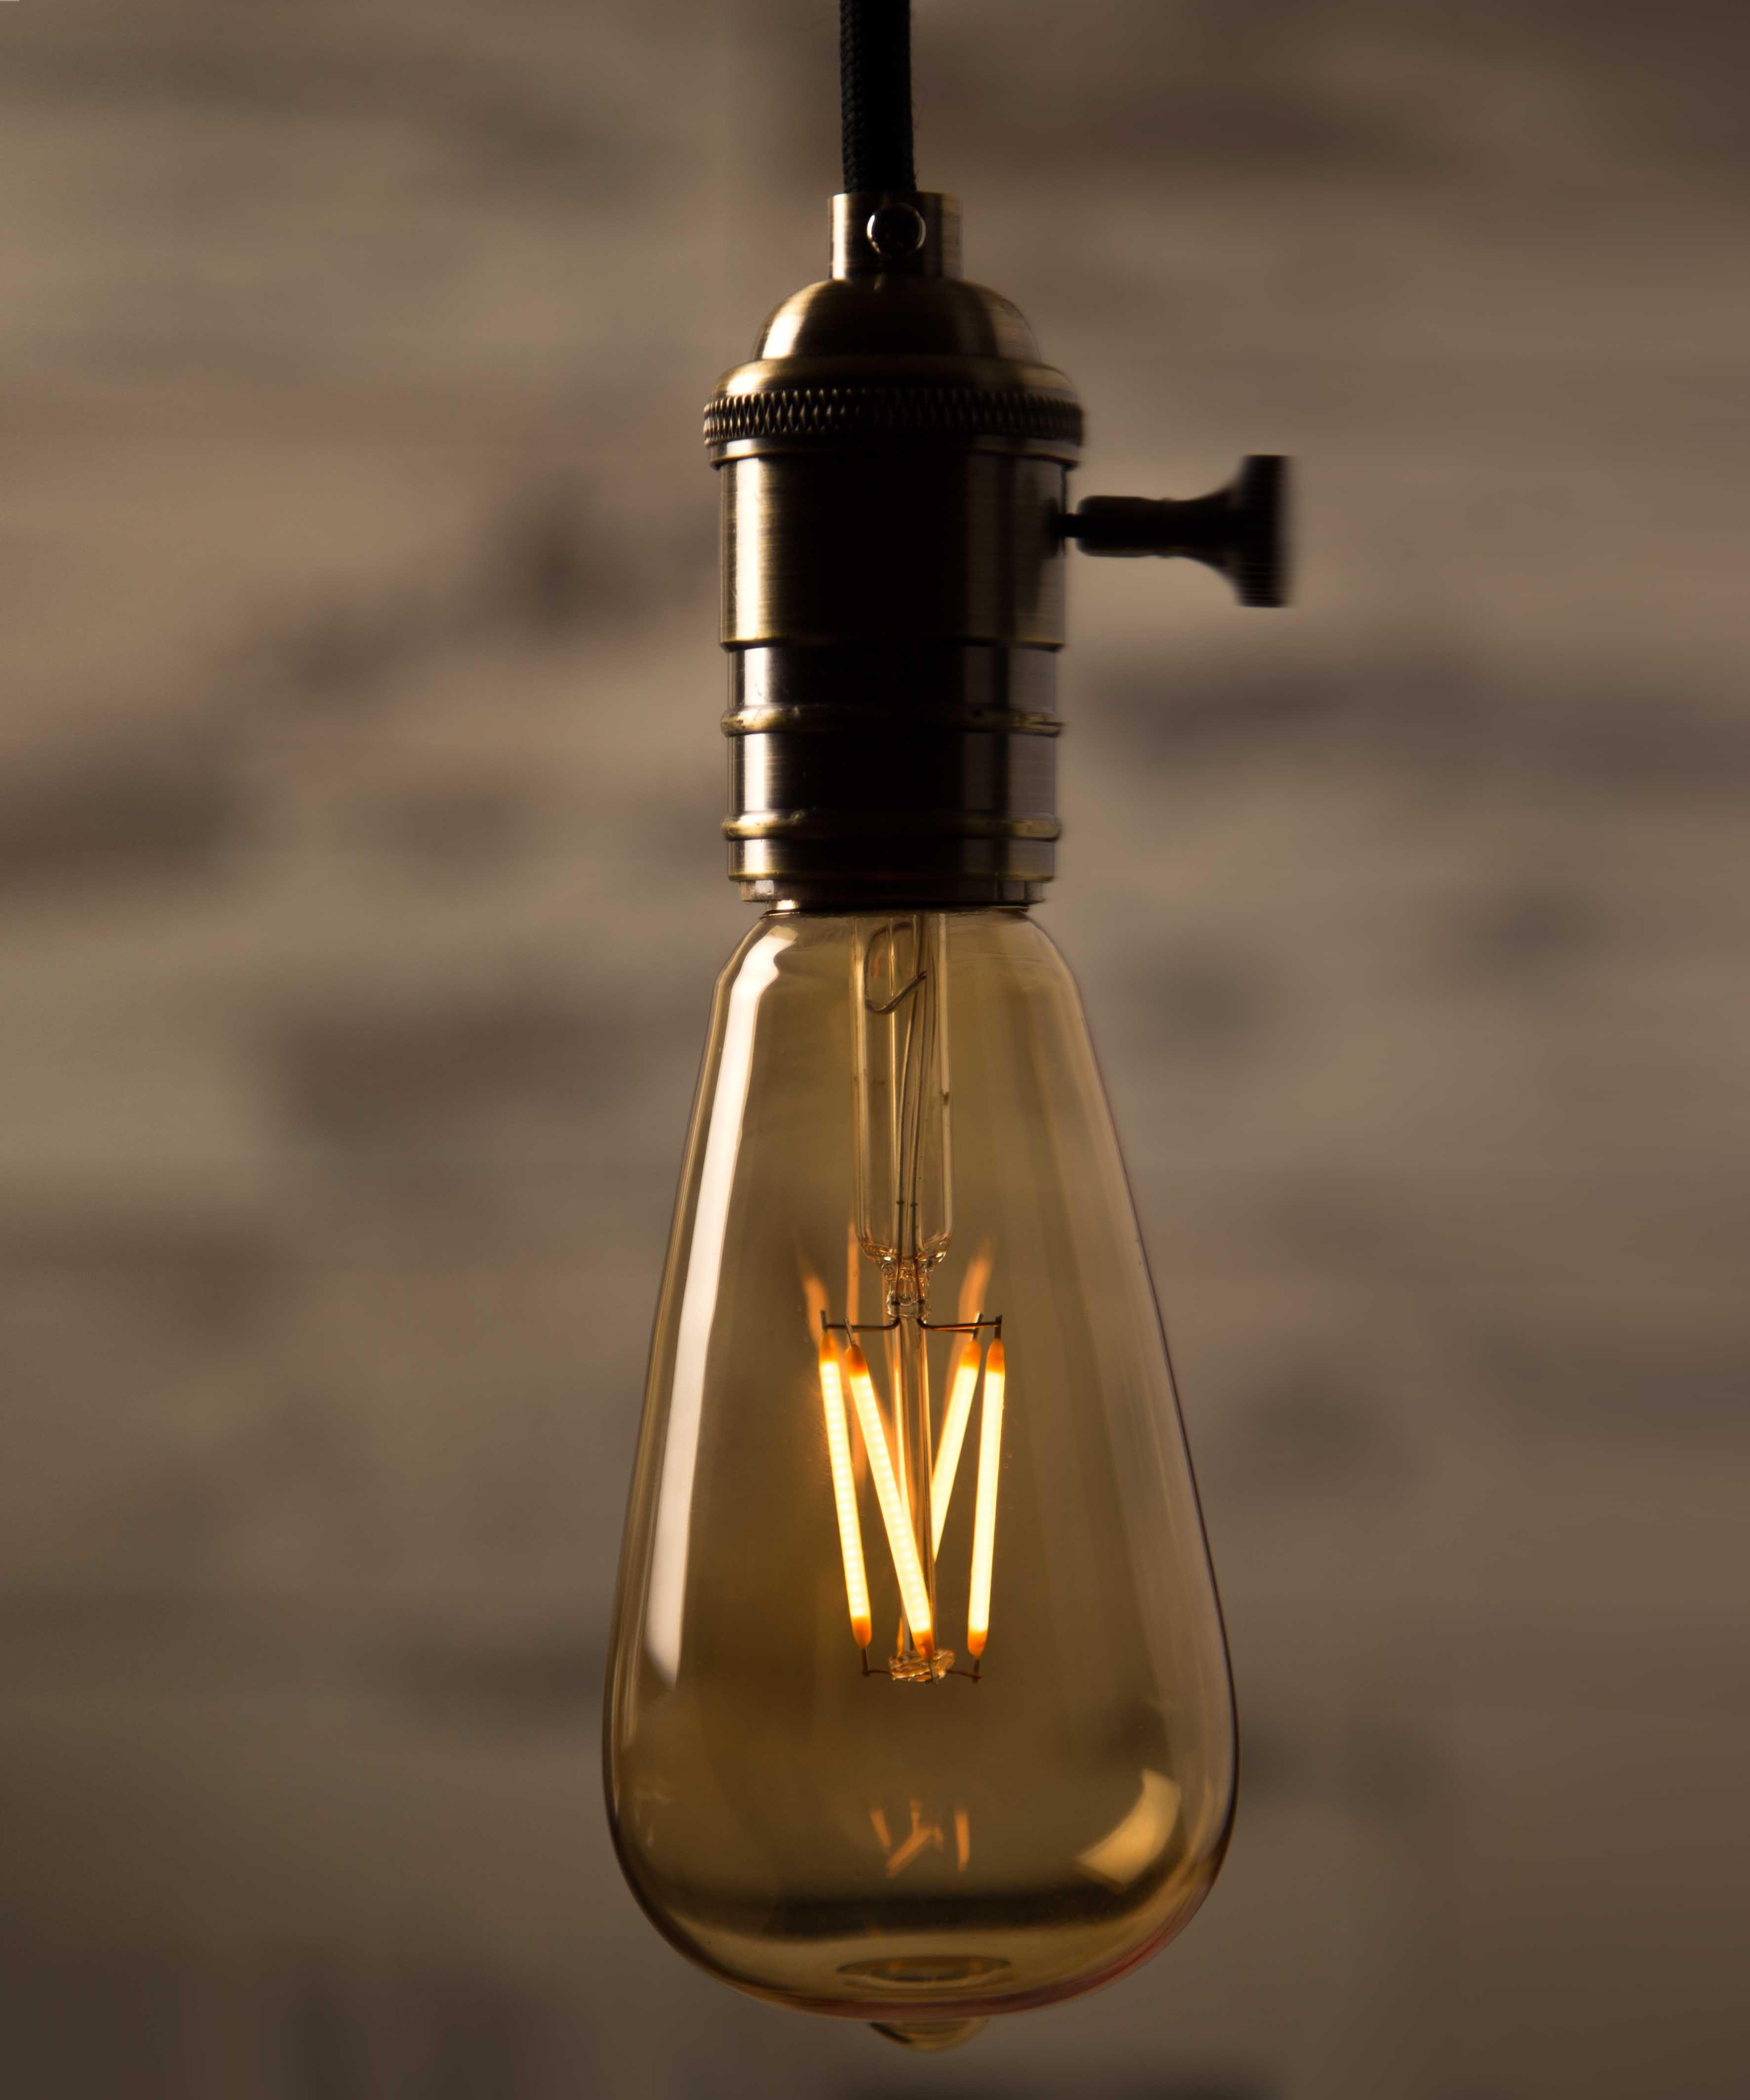 Teardrop st64 william and watson vintage edison bulb industrial light - Vintage Light Bulb Led Large Teardrop Led William Watson